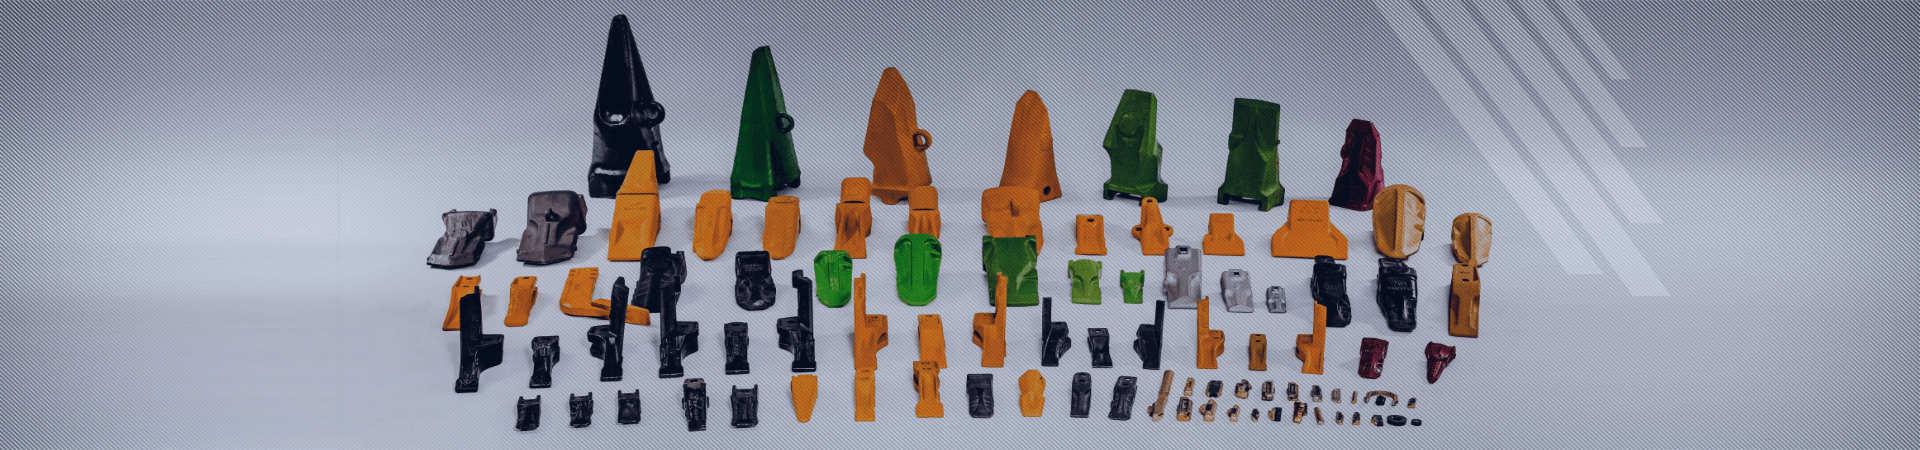 Teeth / adapters / locks